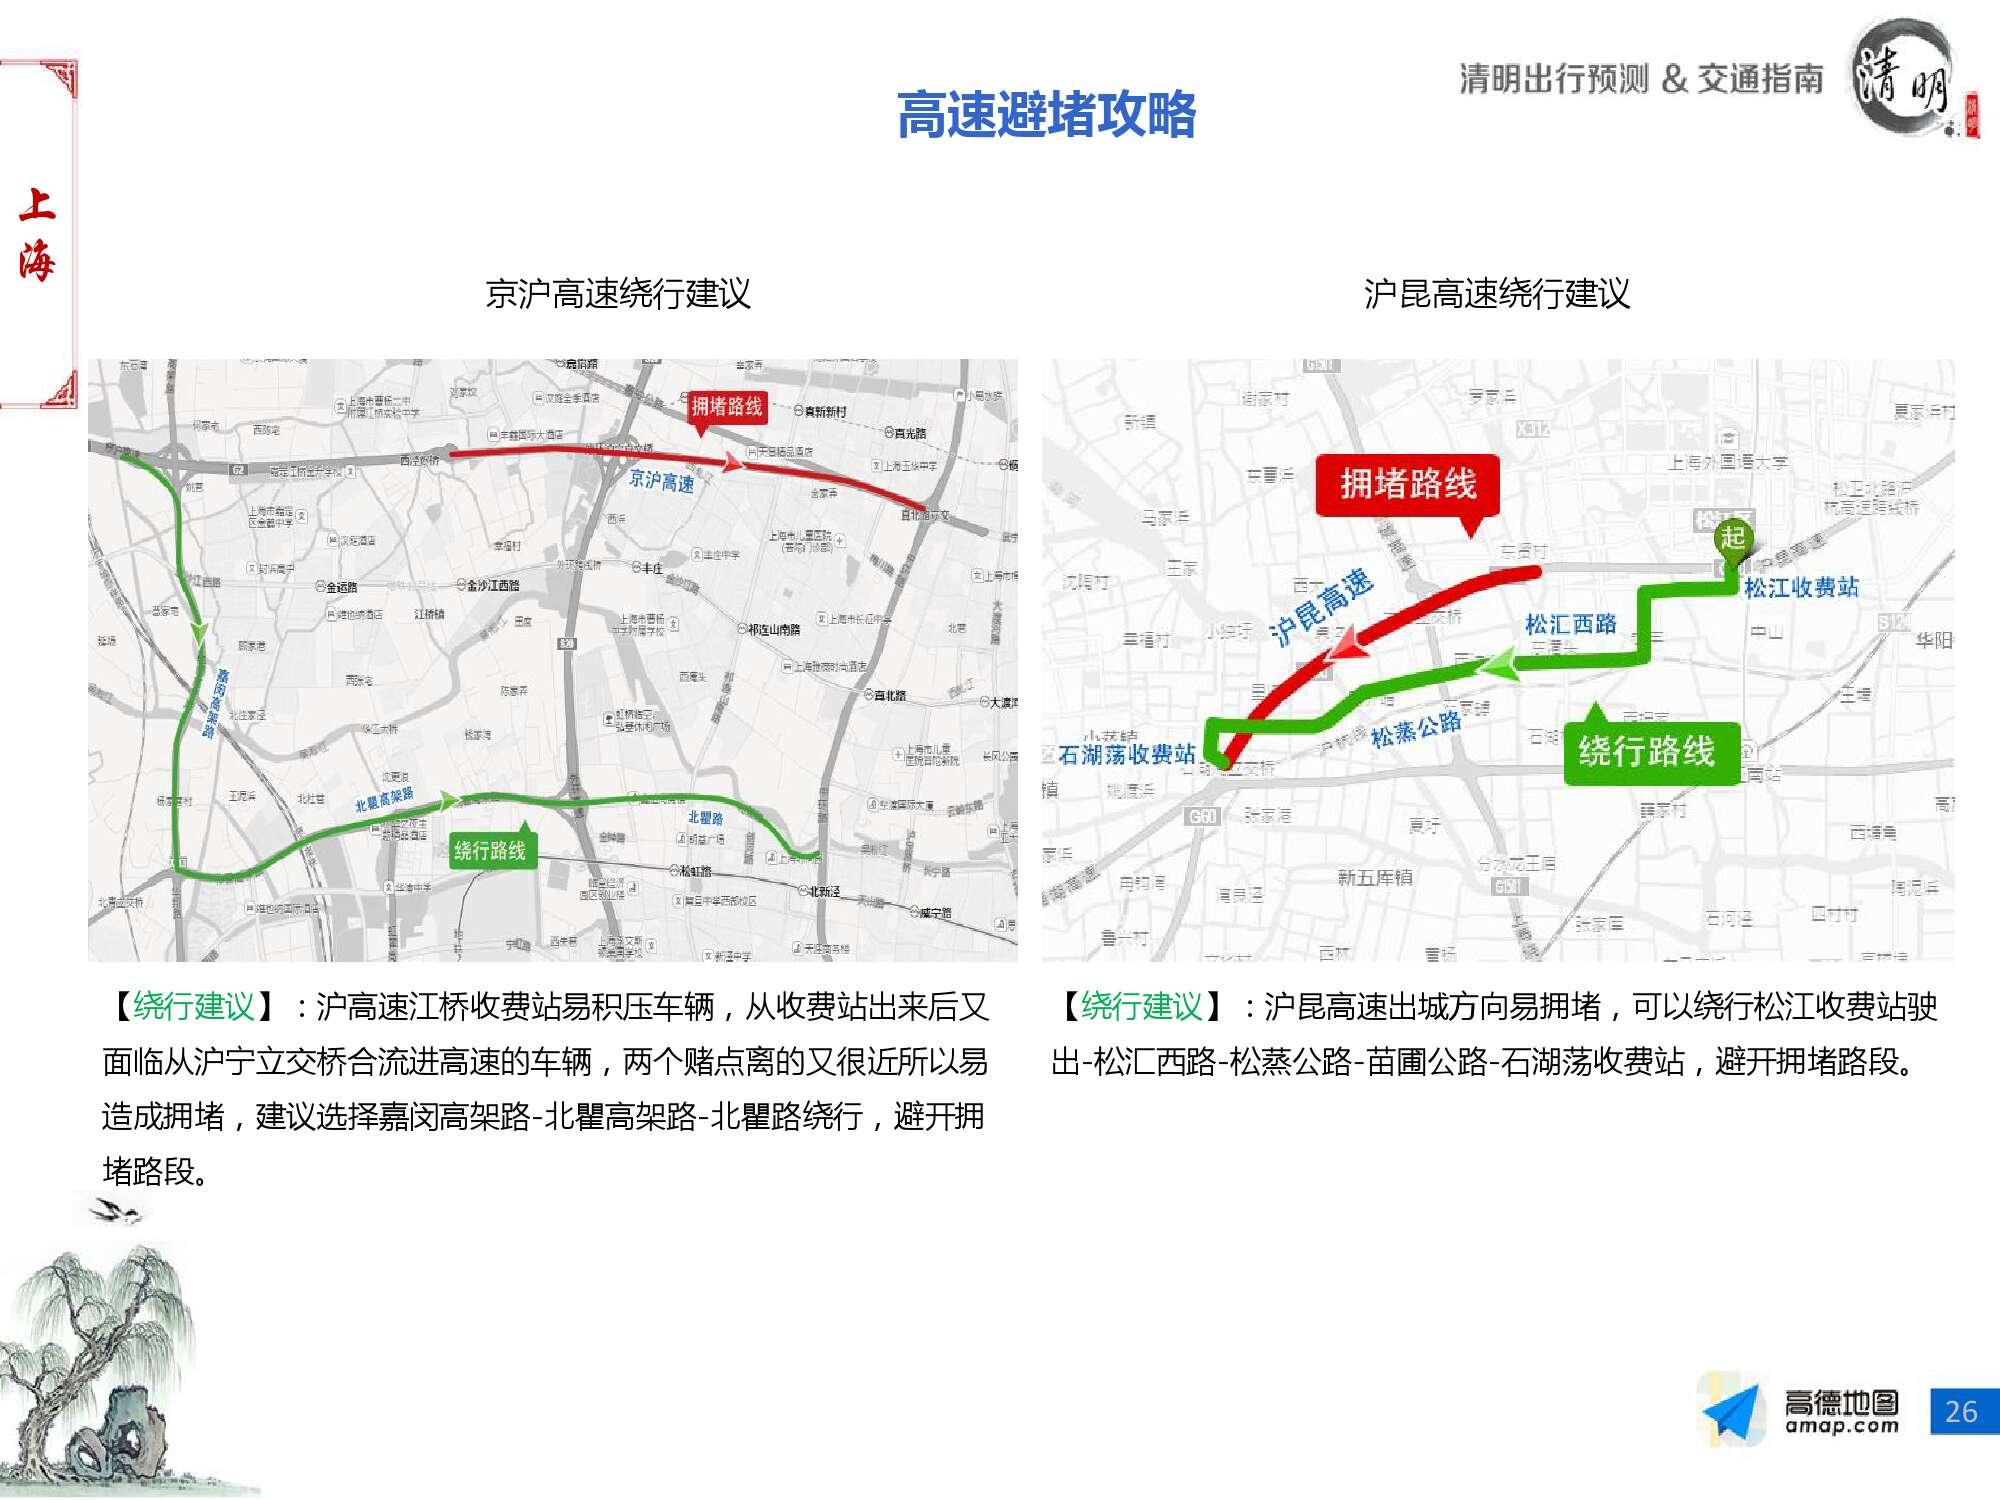 2016年清明节出行预测报告-final_000026